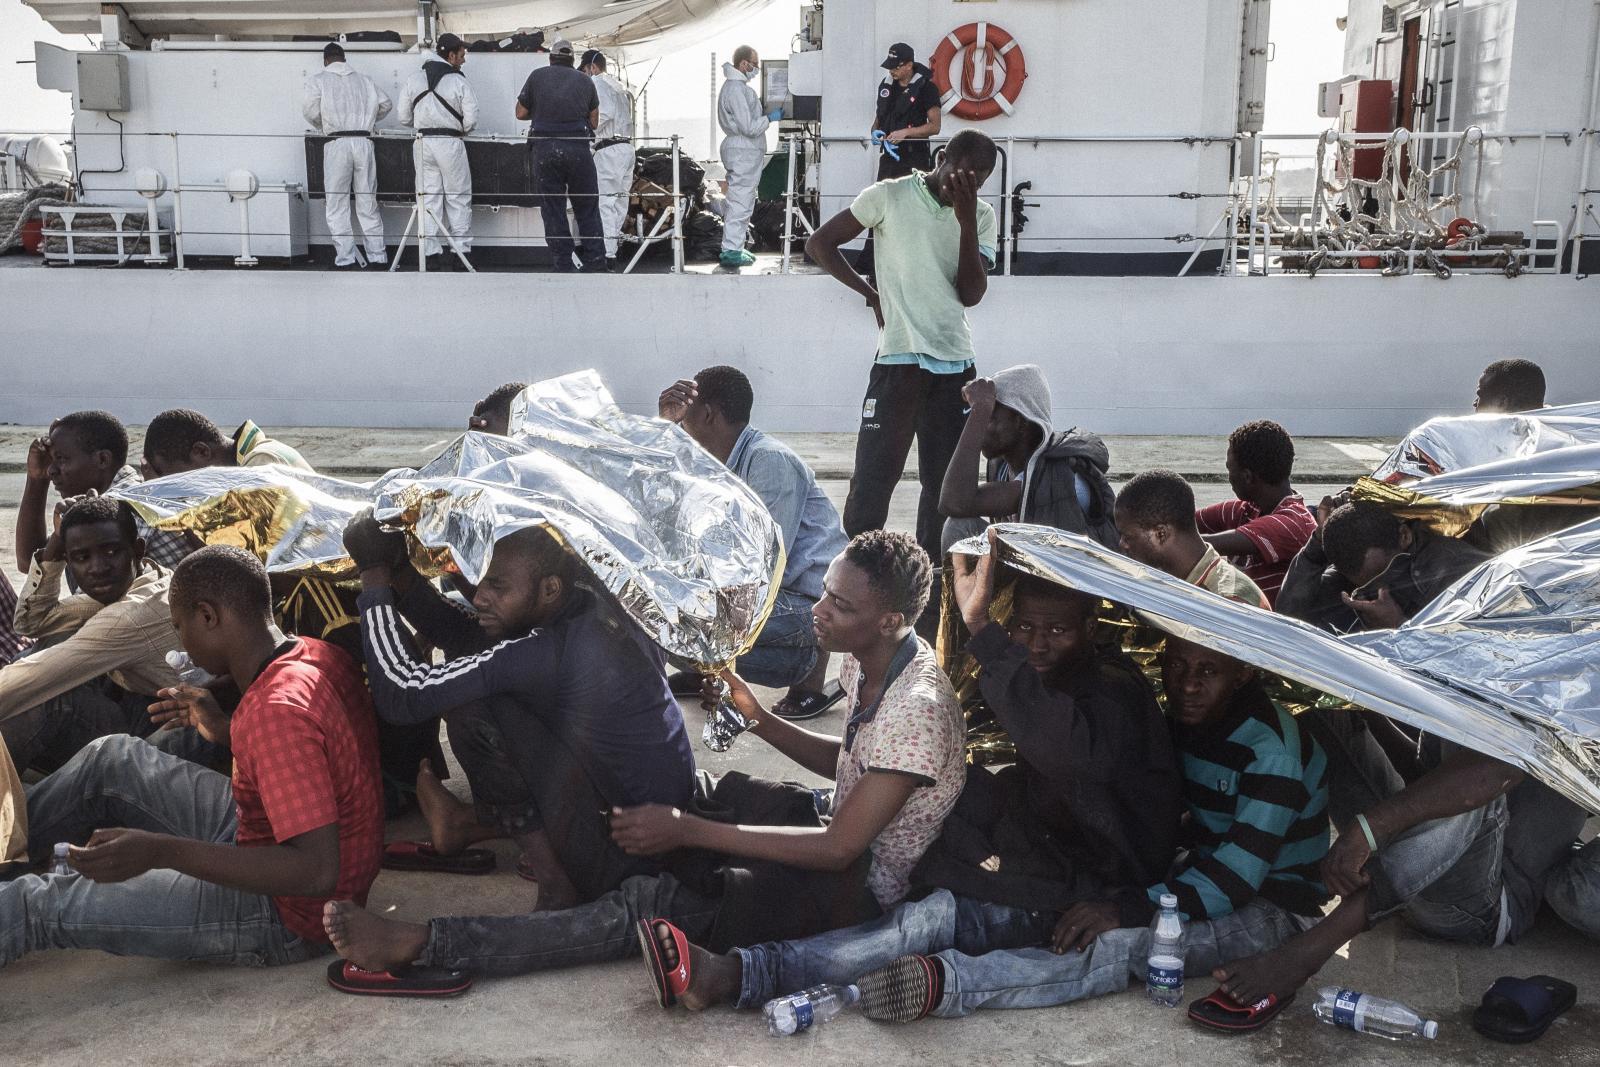 Libye: Děsivé podmínky tlačí další uprchlíky do Středomoří